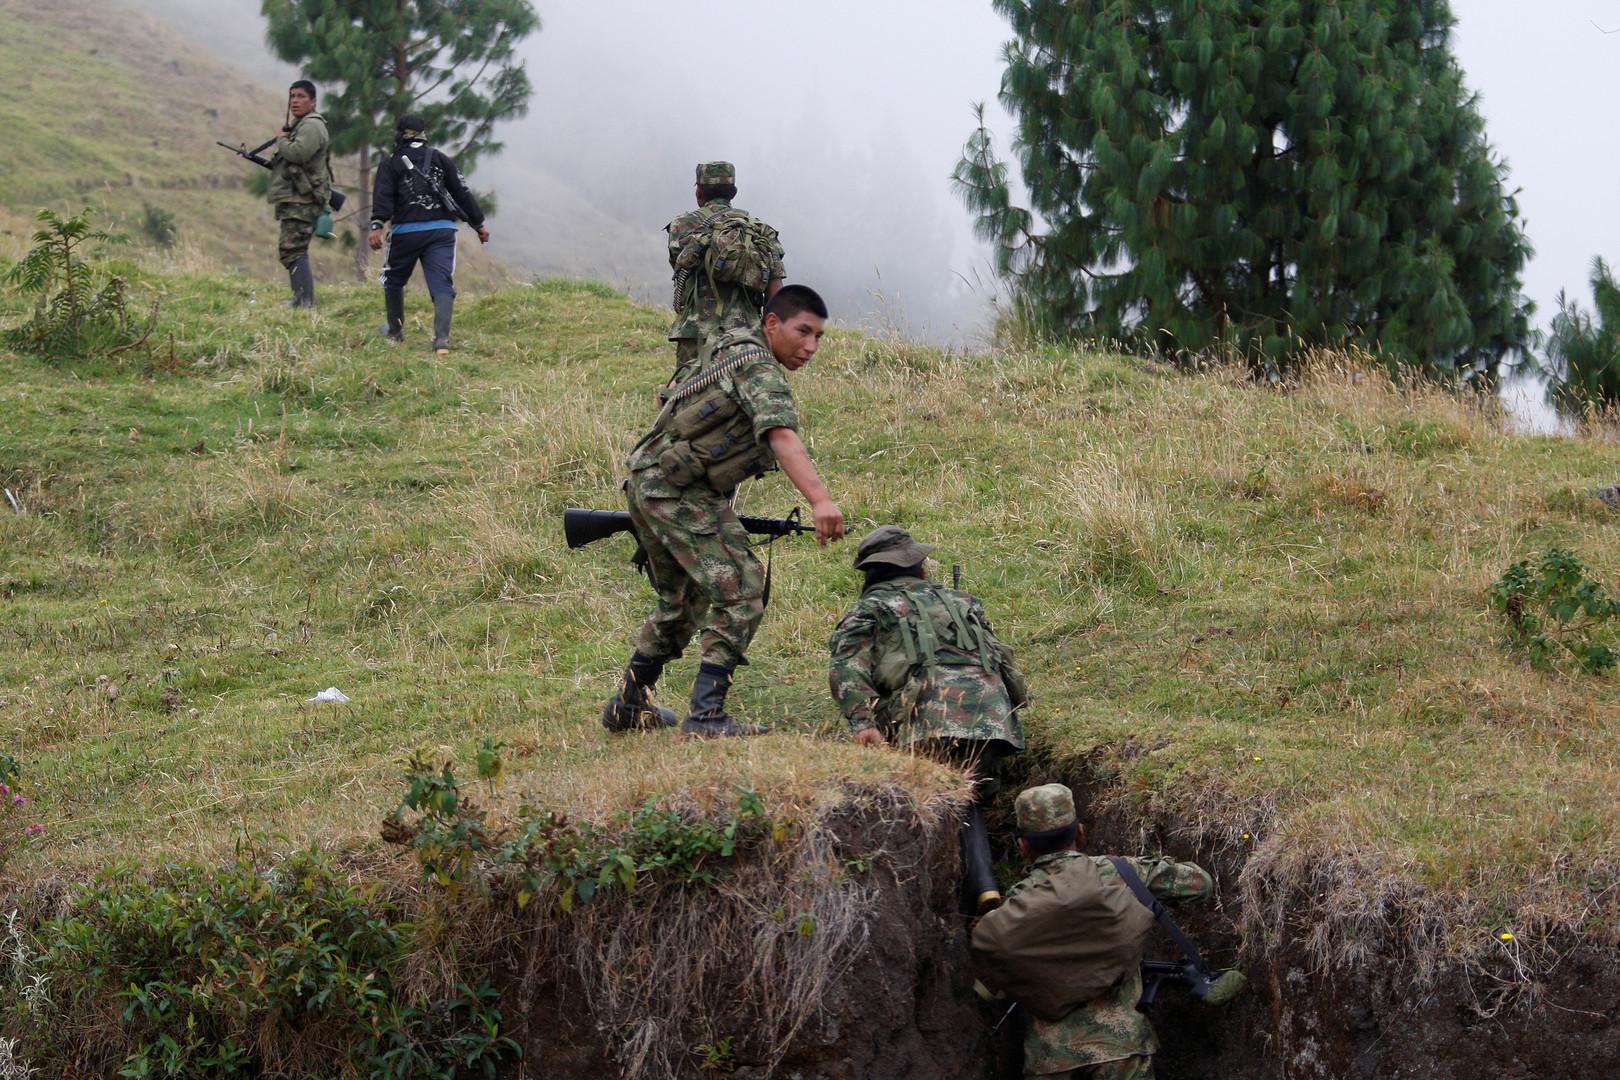 Мотыги вместо винтовок: что ждёт Колумбию после примирения с FARC